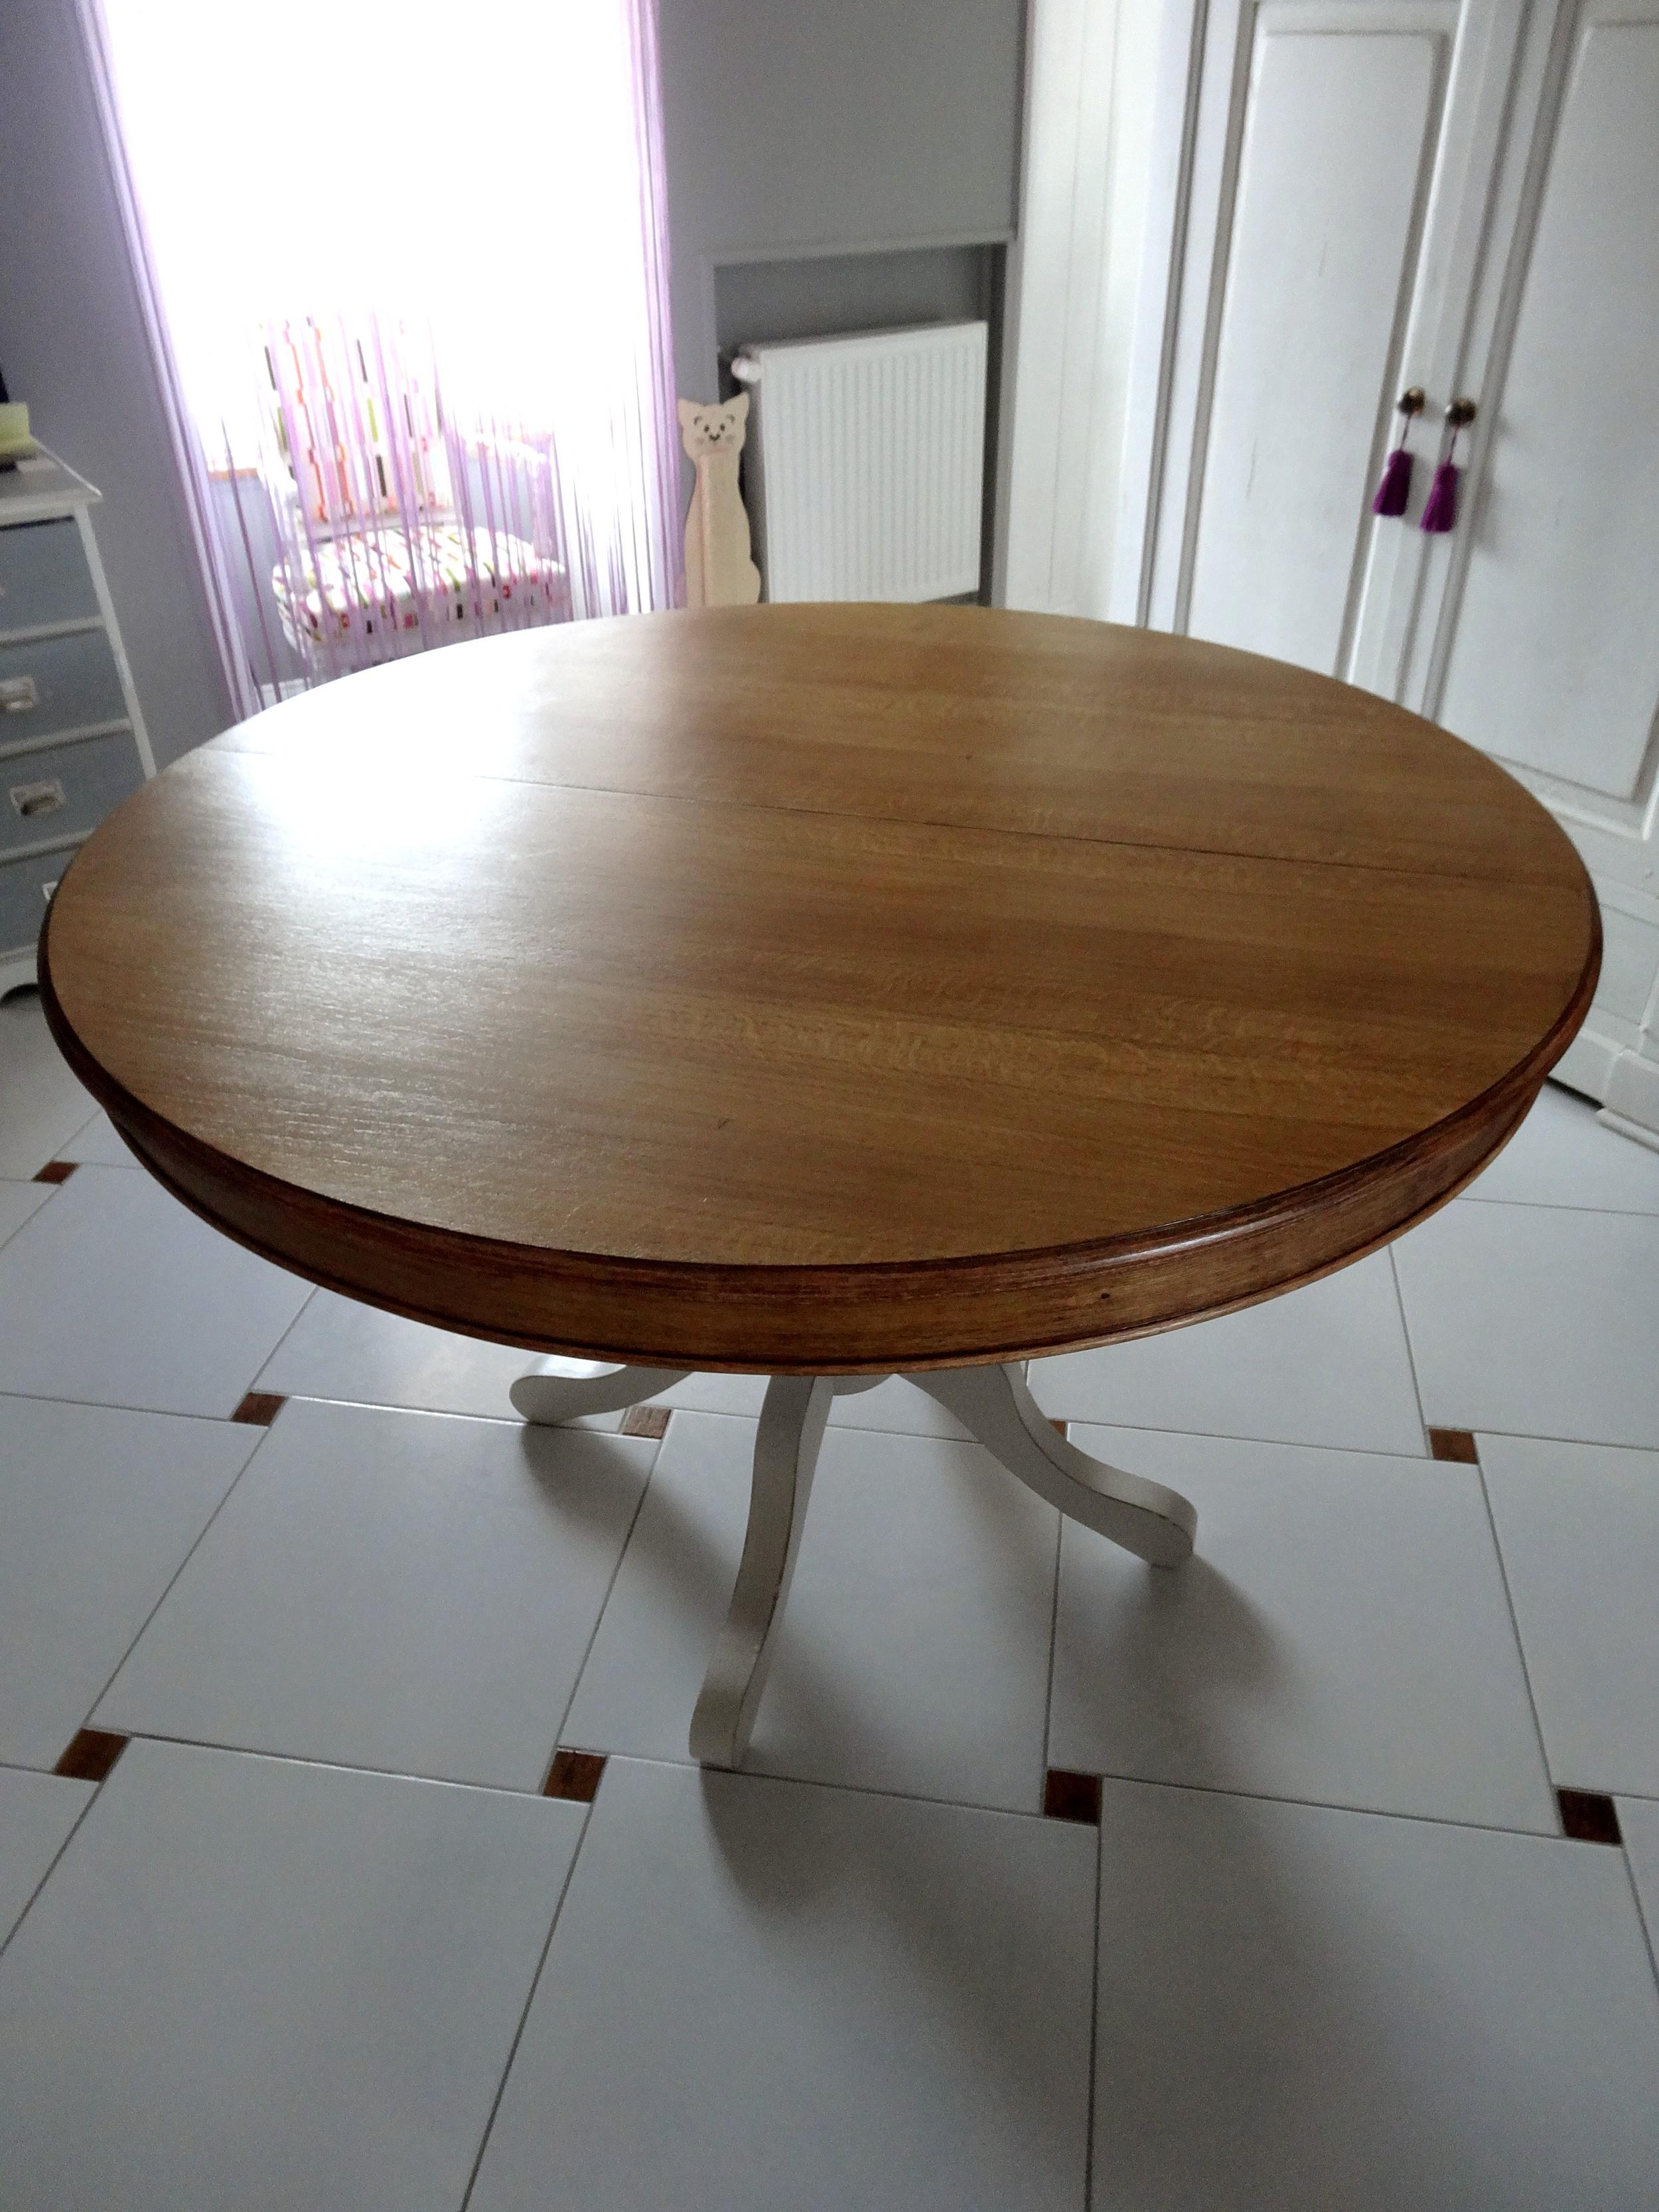 Table ronde pi tement lin clair effet us et plateau for Pietement table ronde